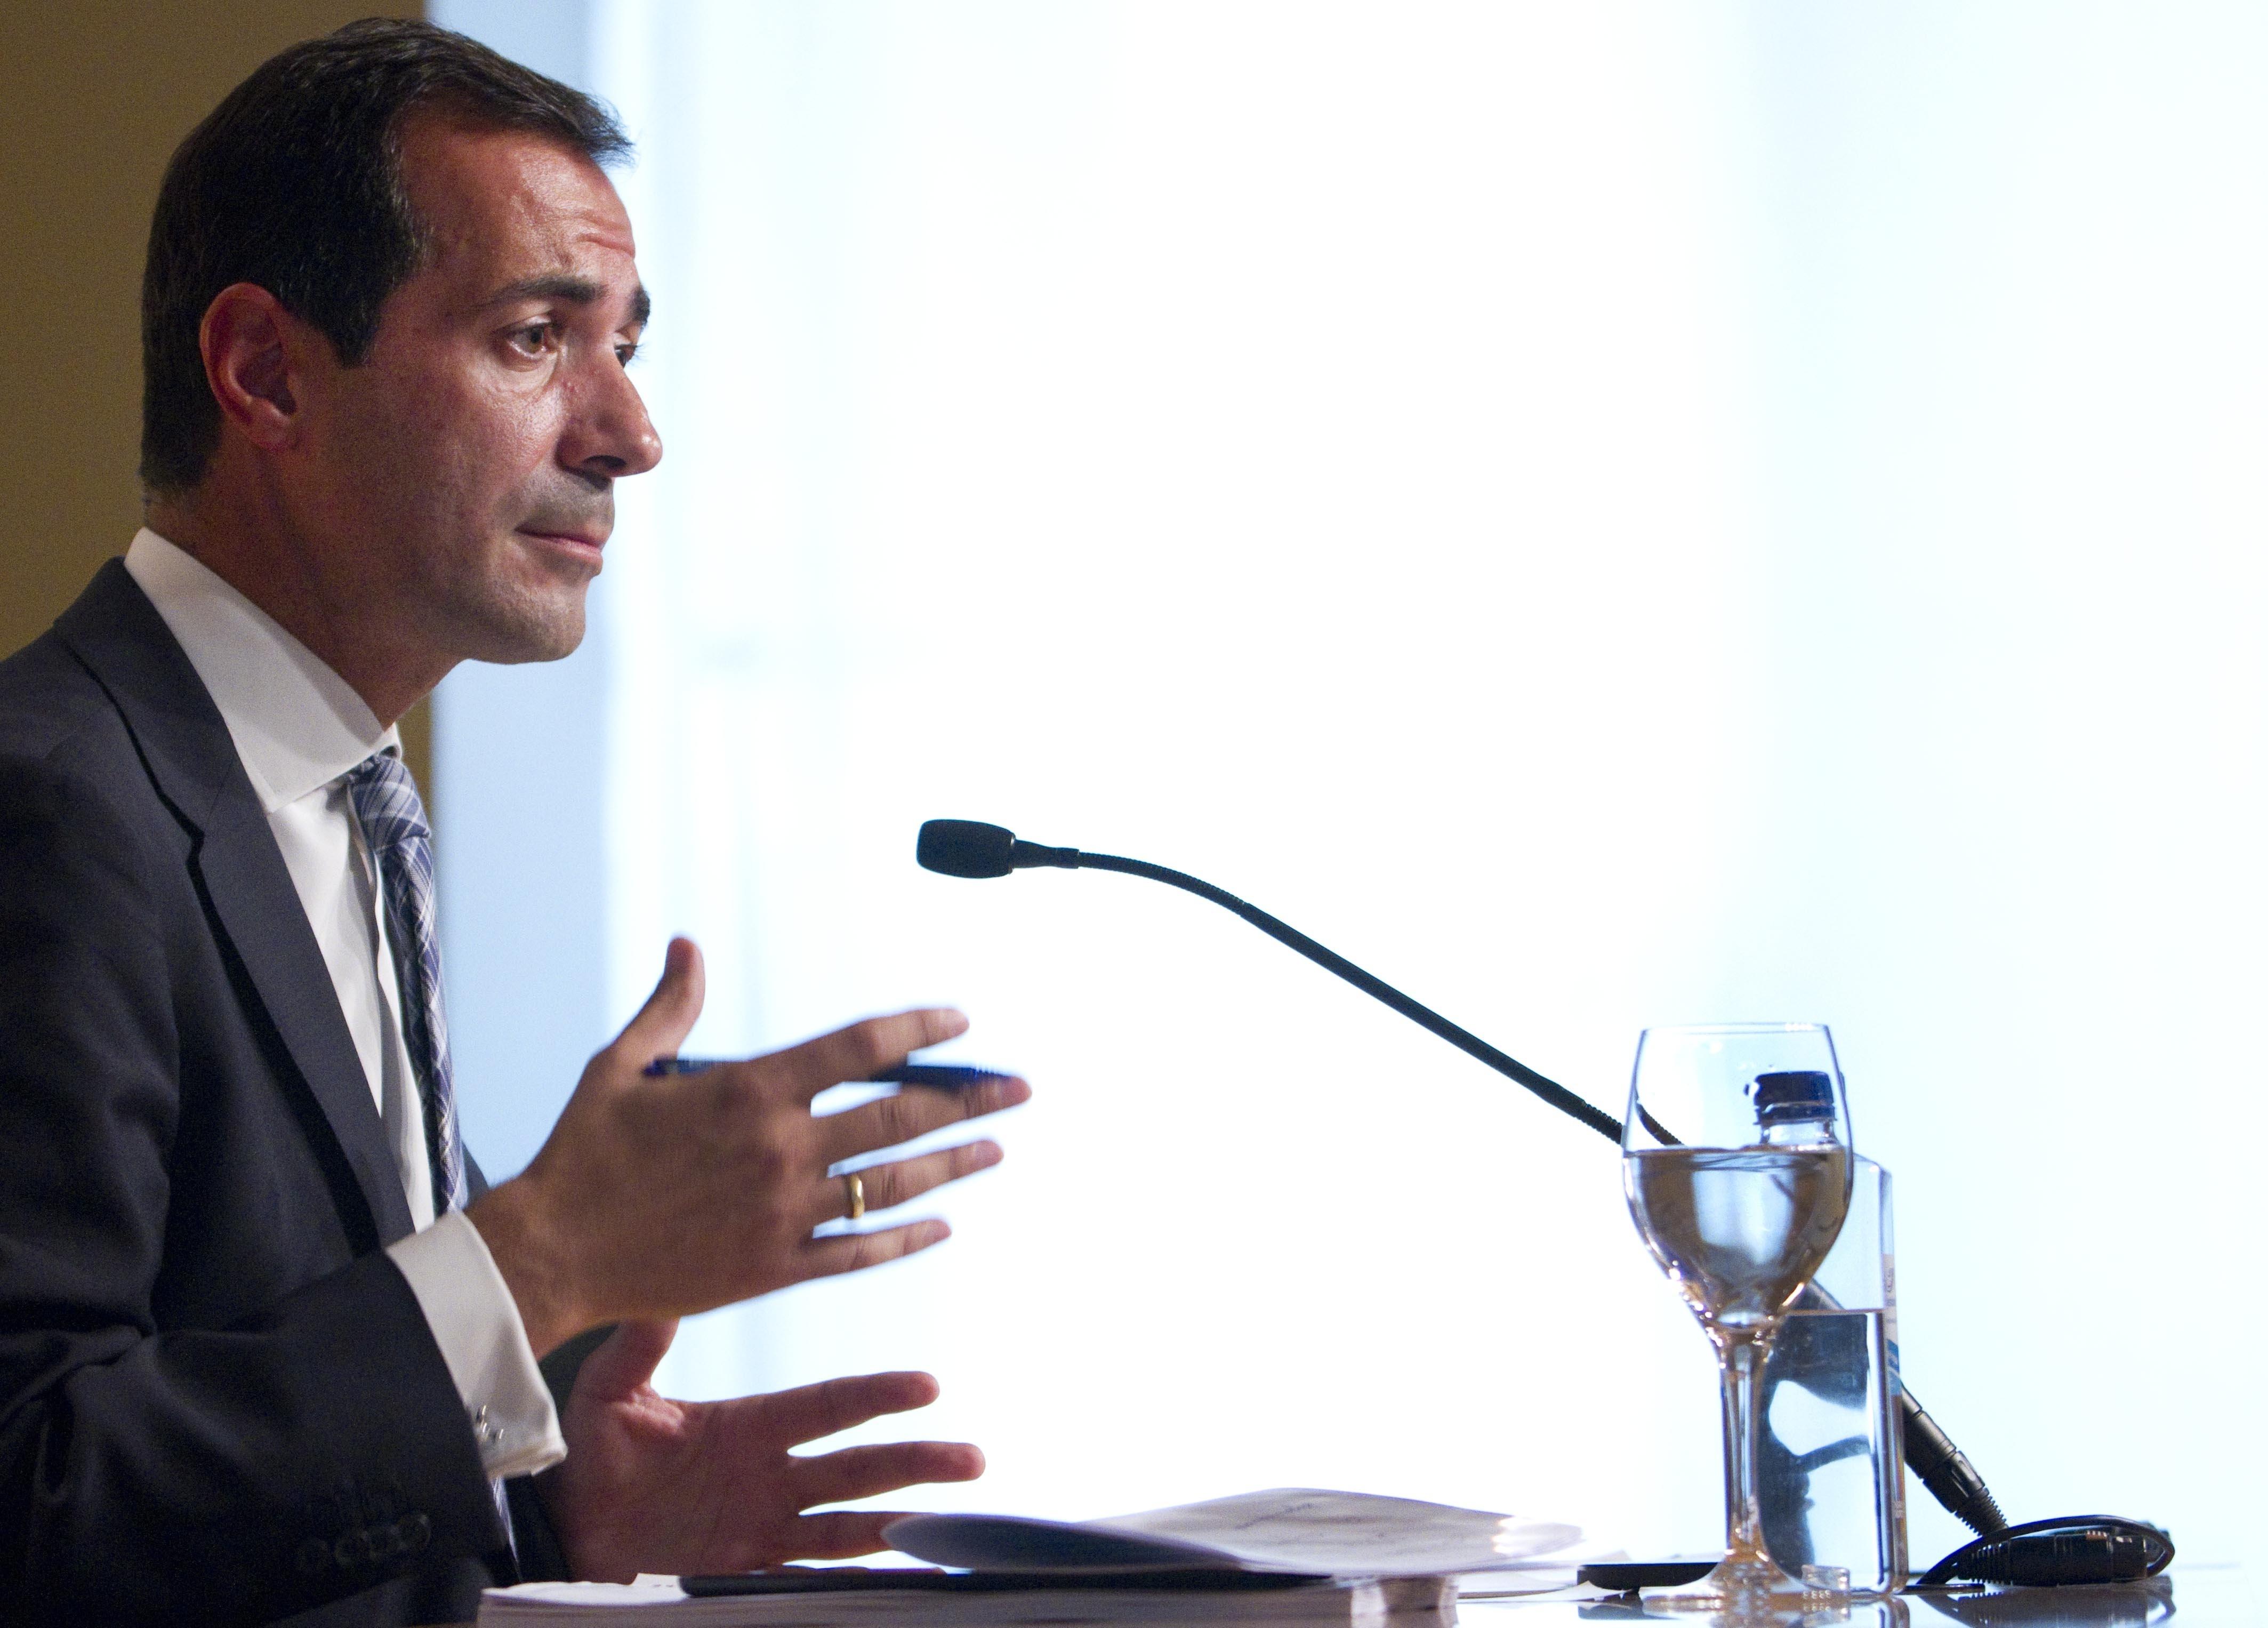 Gobierno de Madrid situa las palabras de Montoro en su «complicado» final de año marcado por «amenazas y chascarrillos»